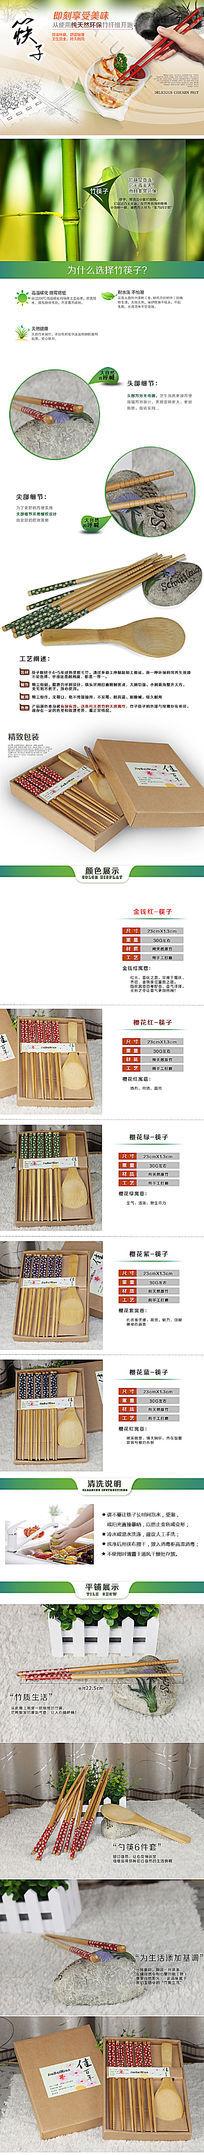 淘宝筷子宝贝描述模版